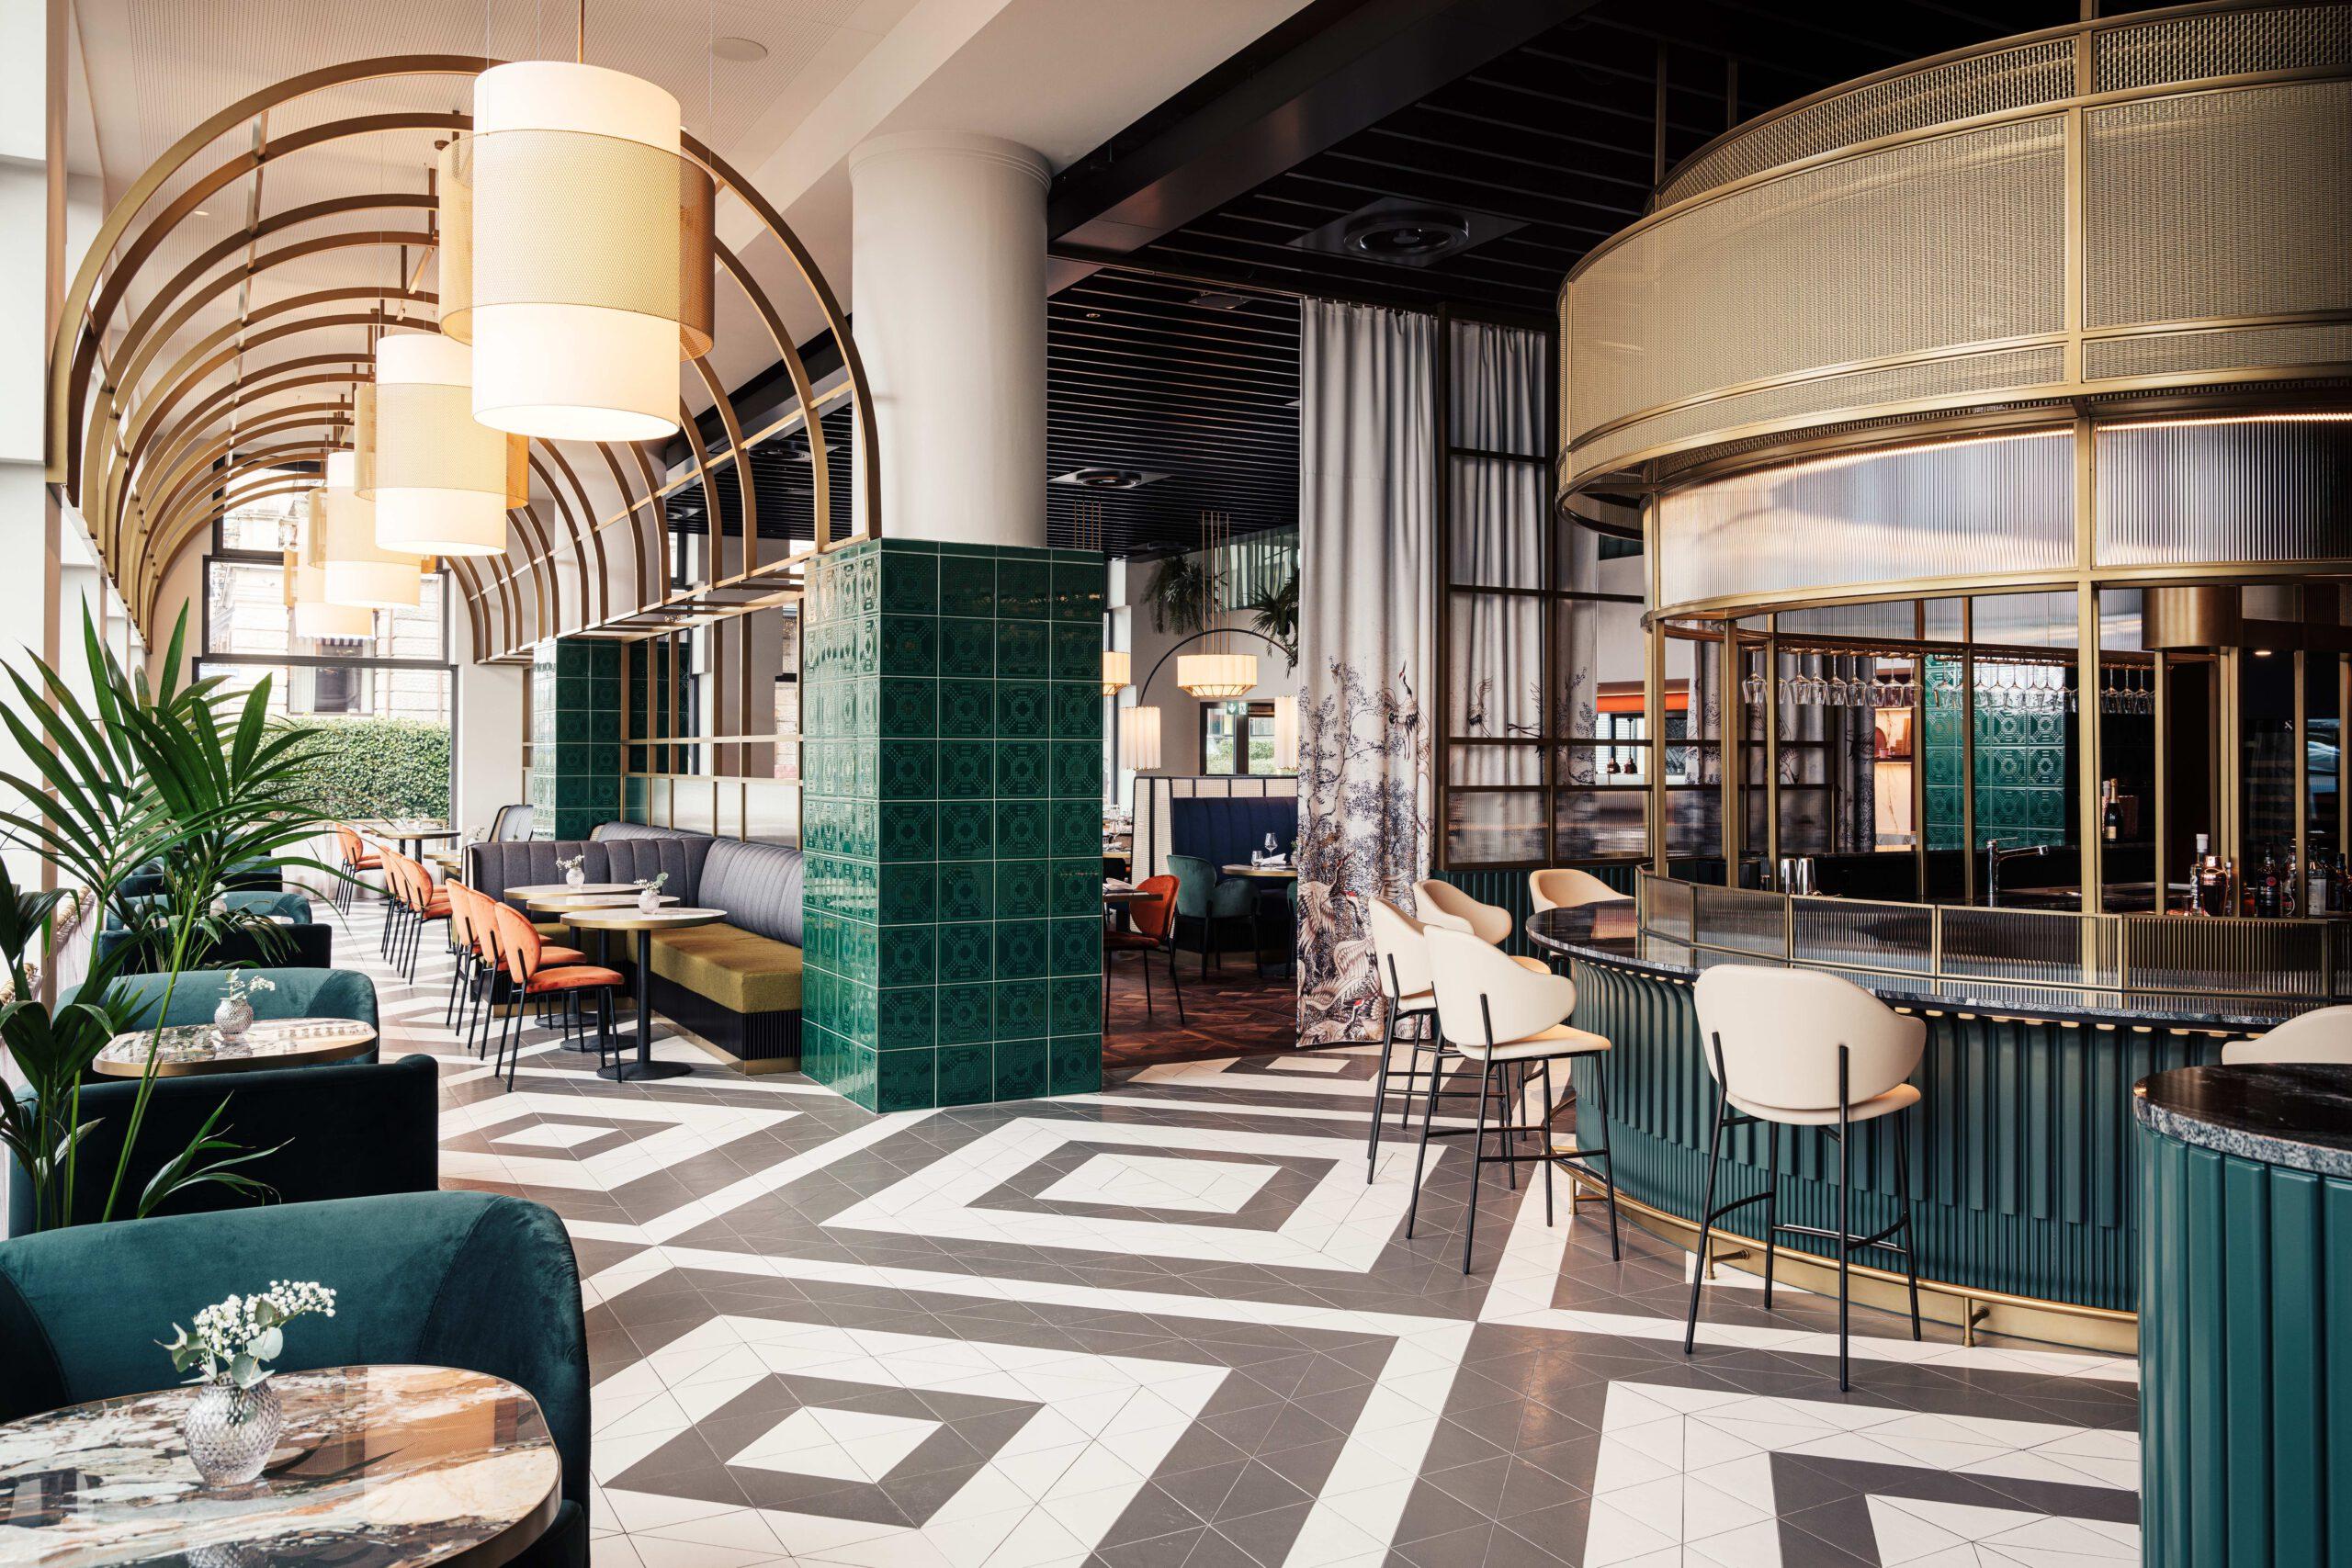 Ameron Zürich Bellerive au Lac Hotelneueröffnung 2021